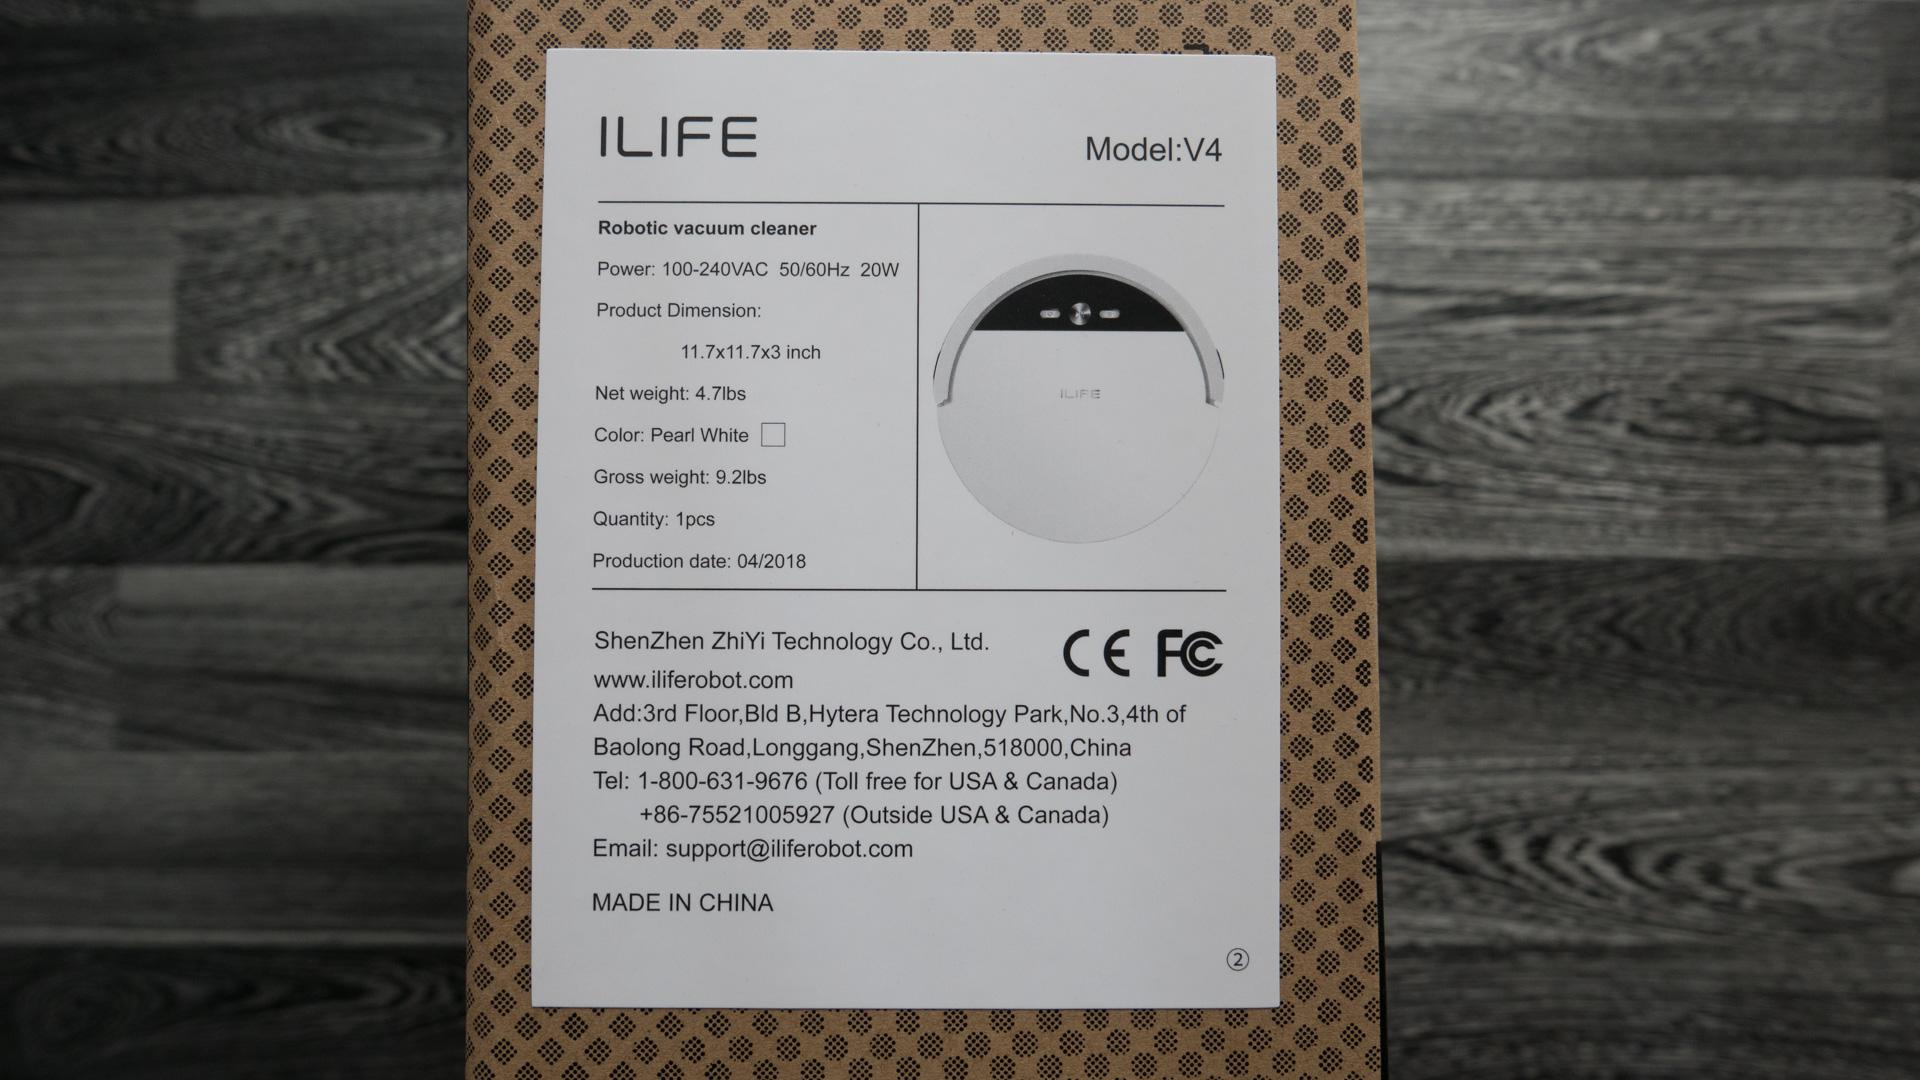 ILIFE V4 Unboxing 04